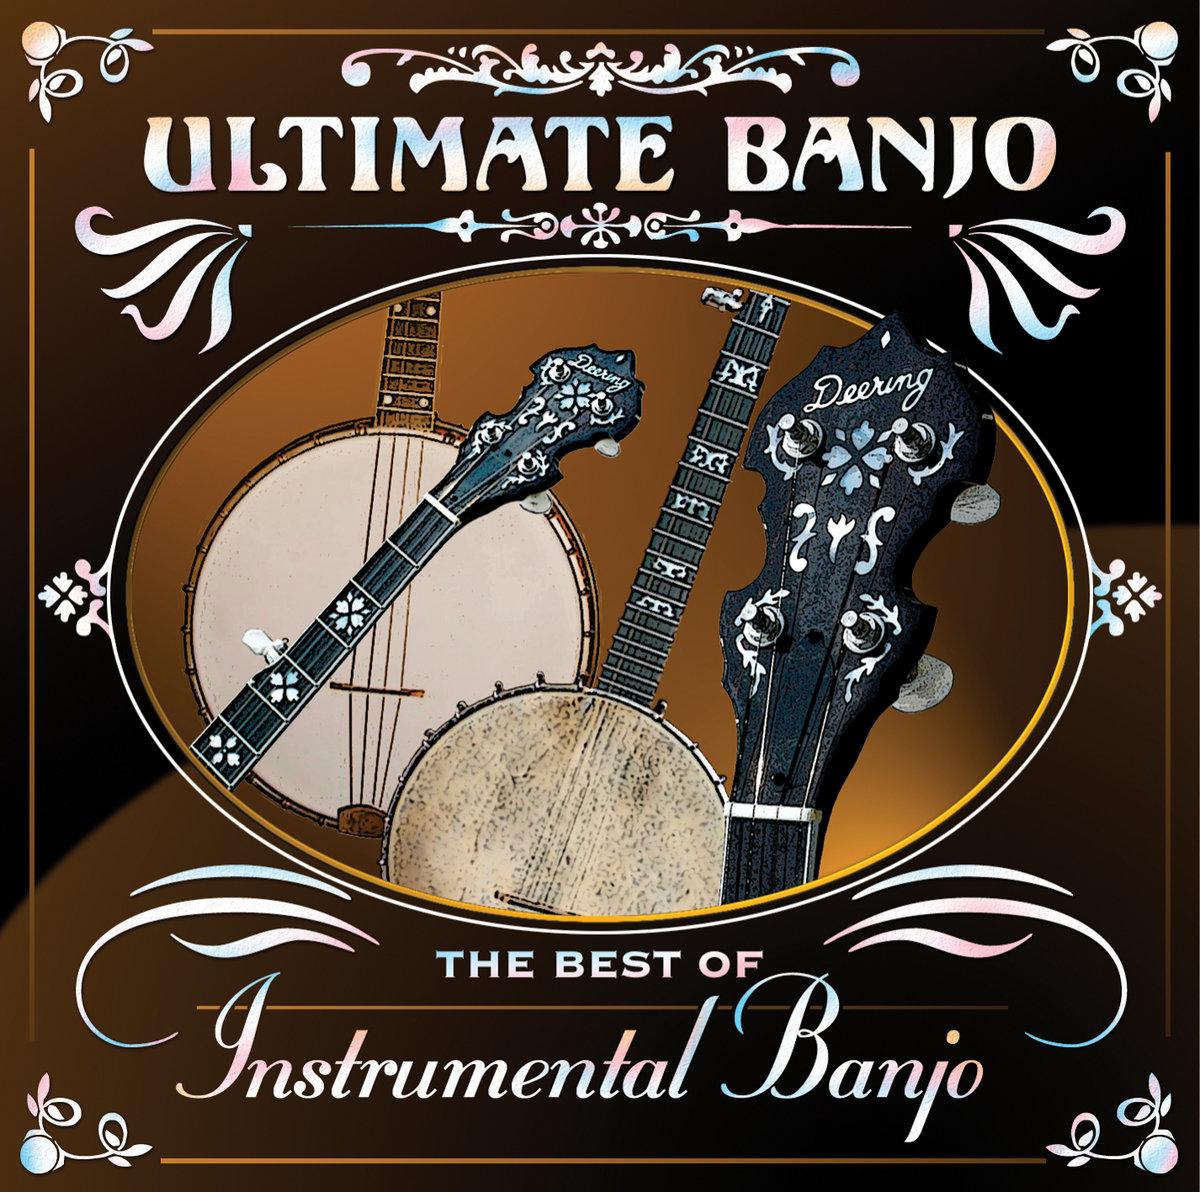 Ultimate Banjo: The Best Of Instrumental Banjo | Various Artists